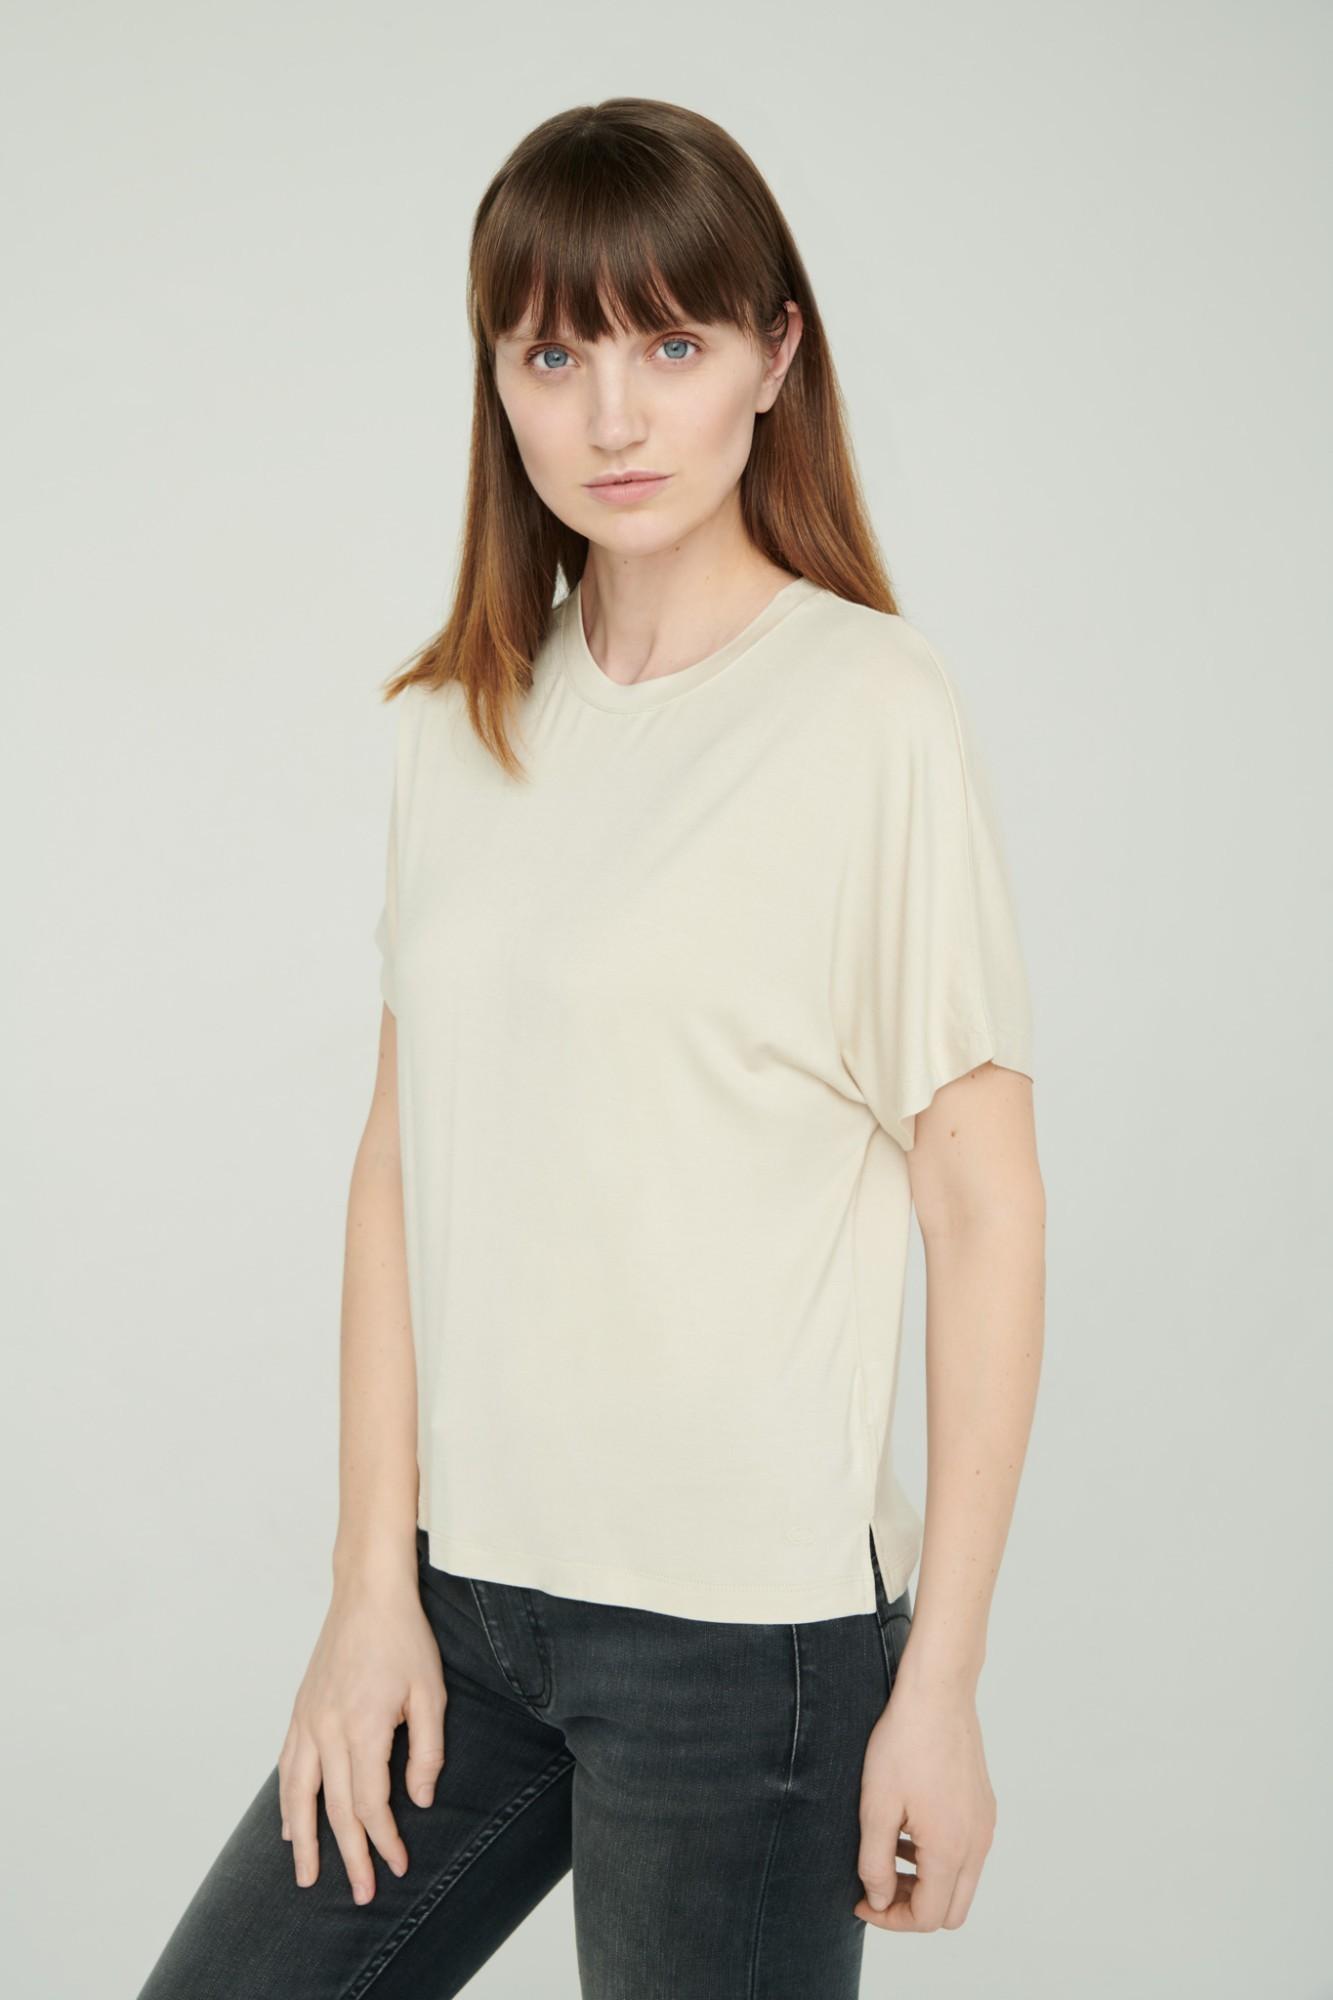 AUDIMAS Lengvi švelnūs marškinėliai 2111-074 White Swan S